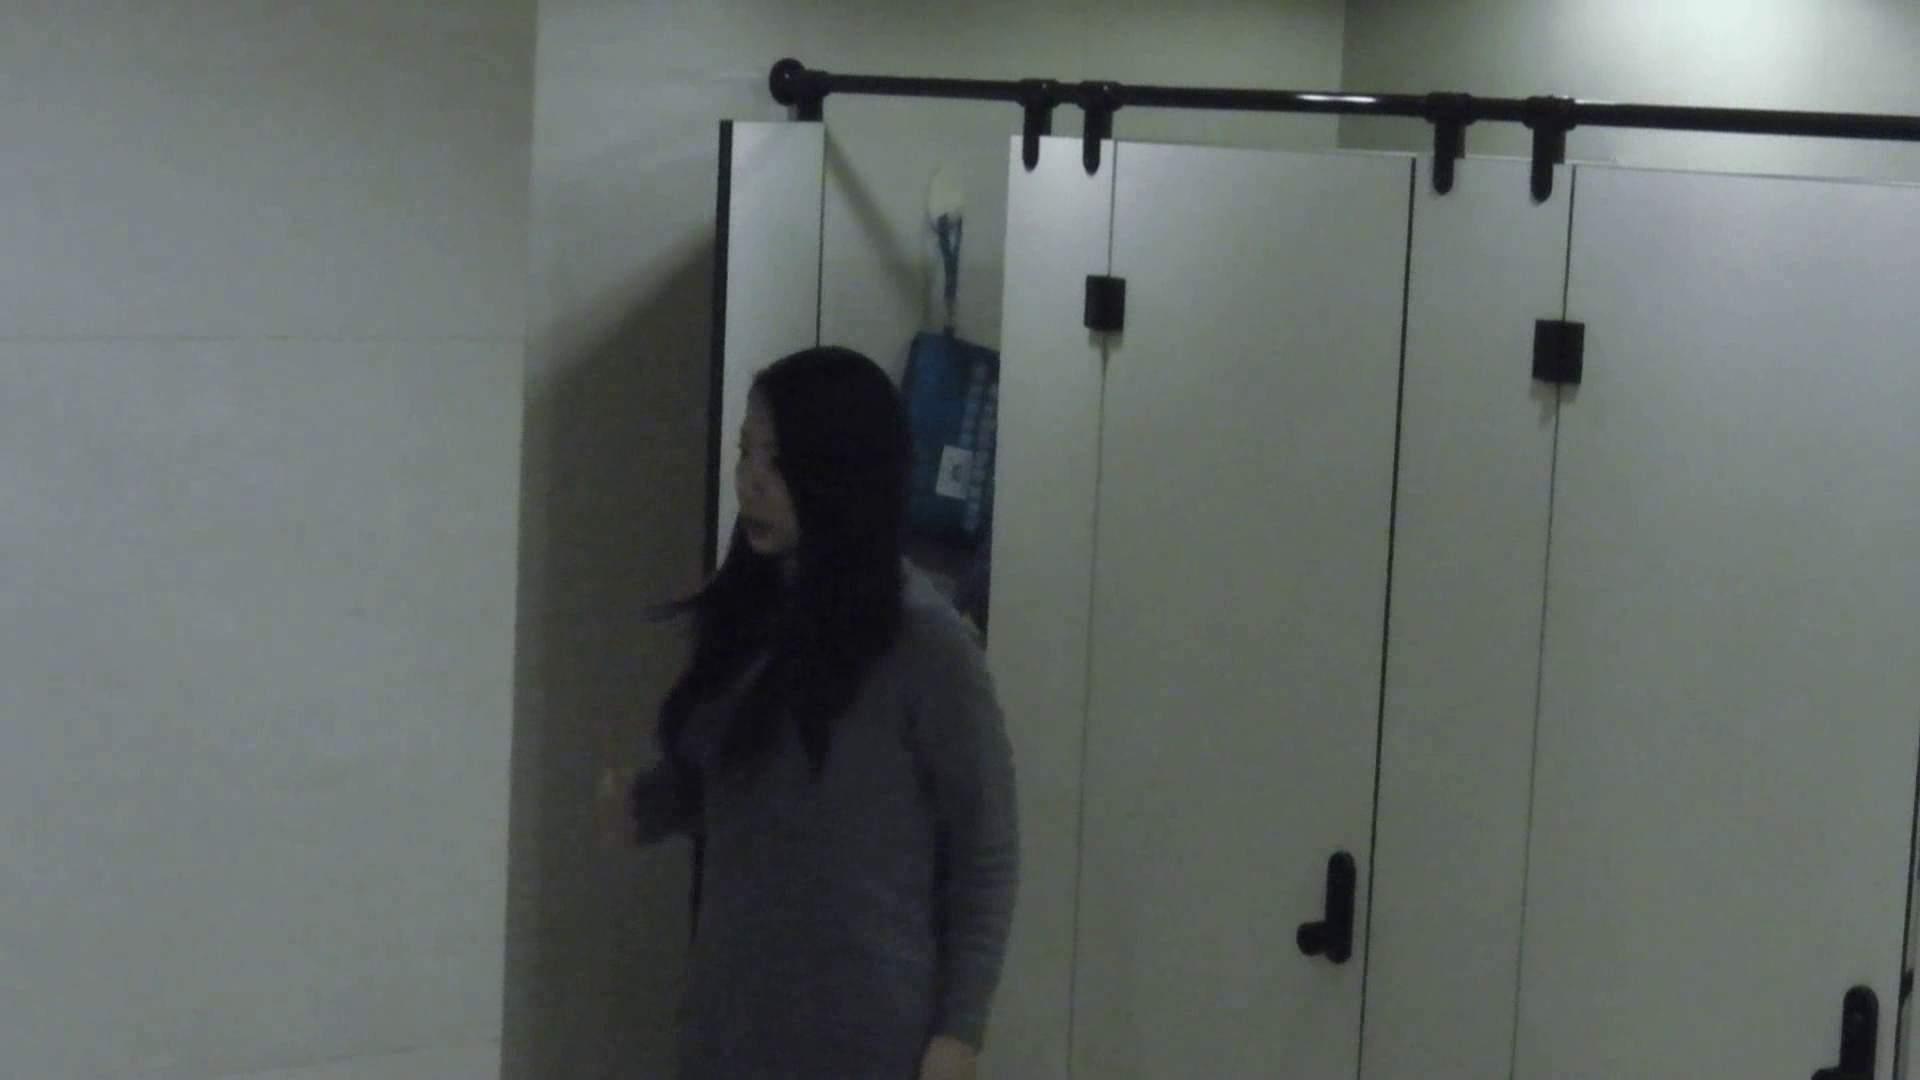 世界の射窓から vol.35 女厕偷拍, 美罗城 南宁国贸 お姉さんのSEX エロ画像 78枚 63